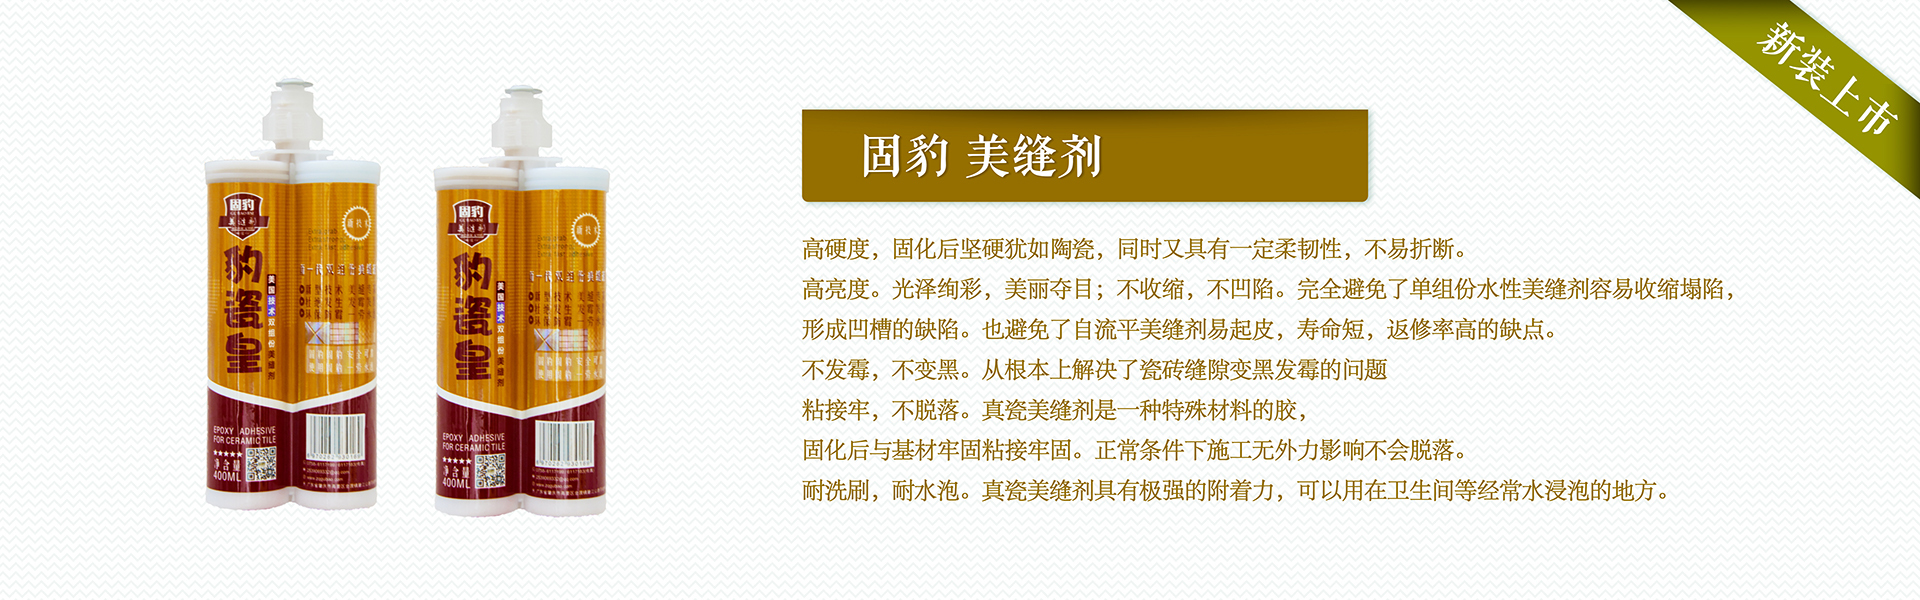 廣東固豹建材有限公司專業從事瓷磚粘結劑,瓷磚美縫劑,粘膠劑,瓷磚填縫劑,防水膠等綠色環保新型建材。